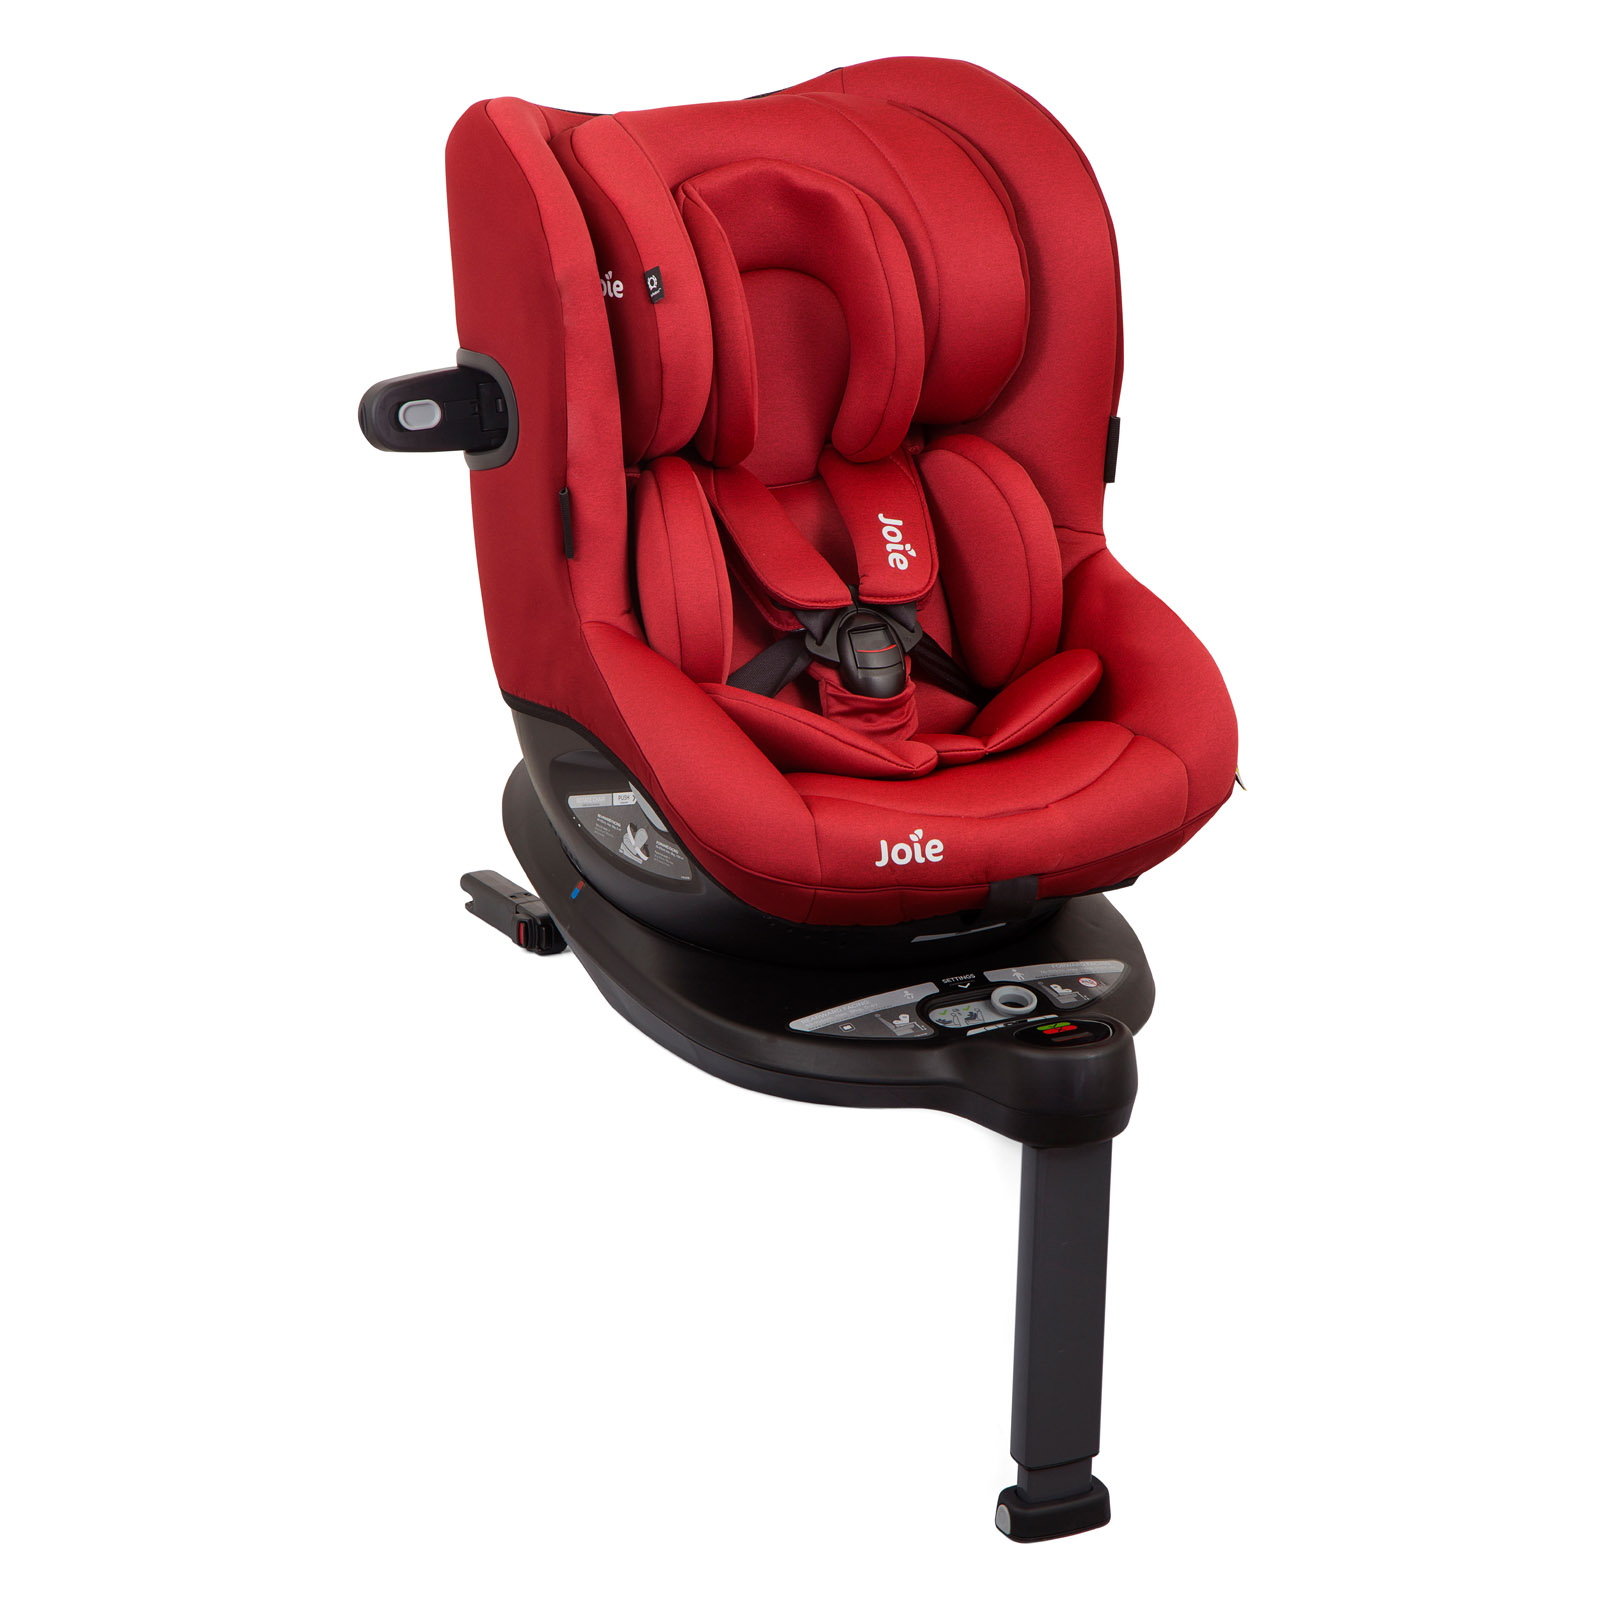 joie i spin 360 die zwergperten babyschalen reboarder. Black Bedroom Furniture Sets. Home Design Ideas